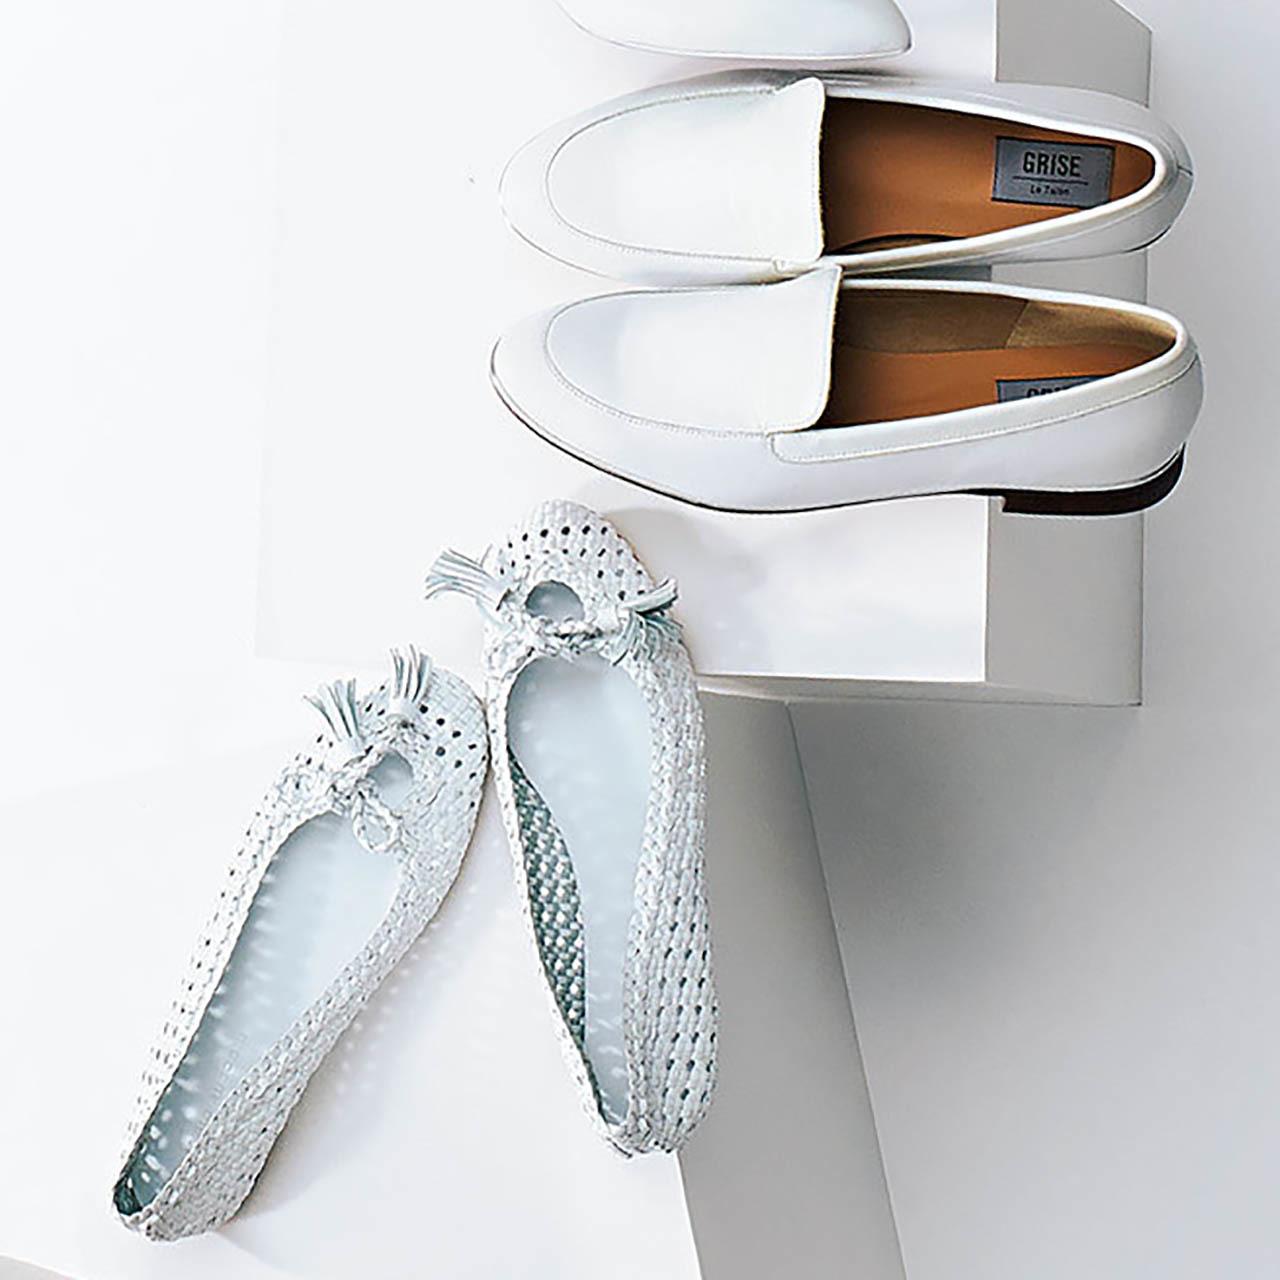 人気ブランドの白いフラット靴2足